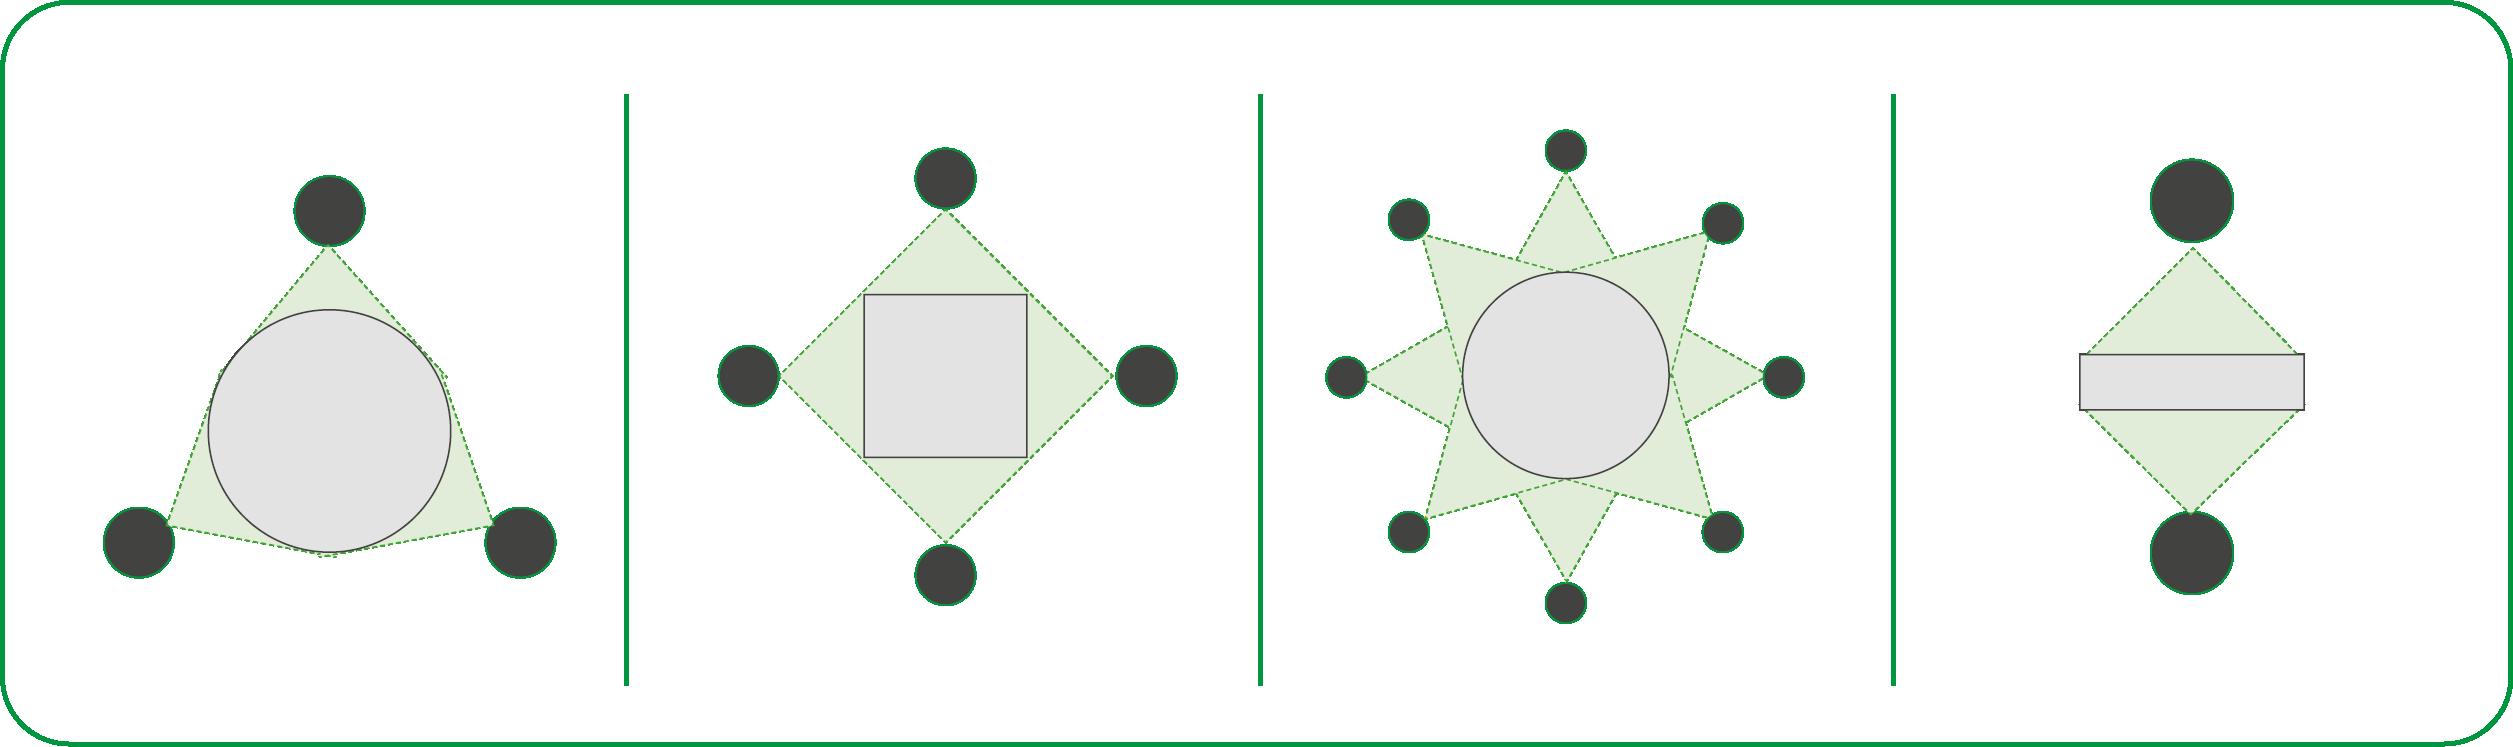 Verschiedene Szenarien für die Rundum-Überwachung: Runde Objekte (3x IR Kameras) | Viereckige Objekte (4x IR Kameras) | Große Objekte (8x IR Kameras) | Vorder- und Rückseite (2x IR Kameras)